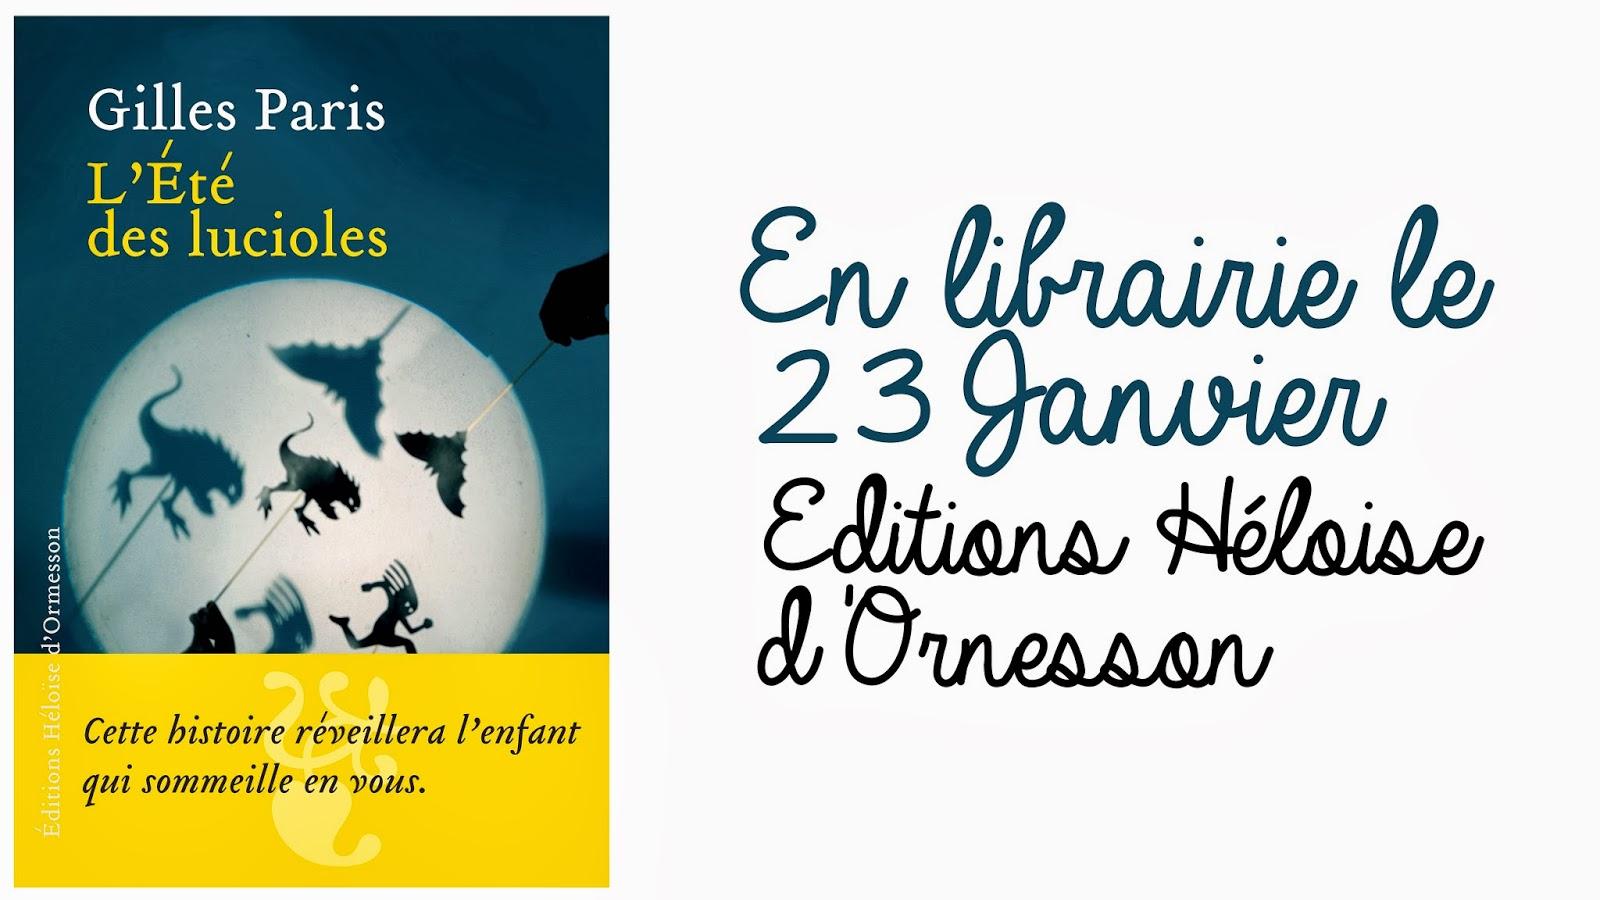 http://bouquinsenfolie.blogspot.com/2014/01/la-magie-des-lucioles.html